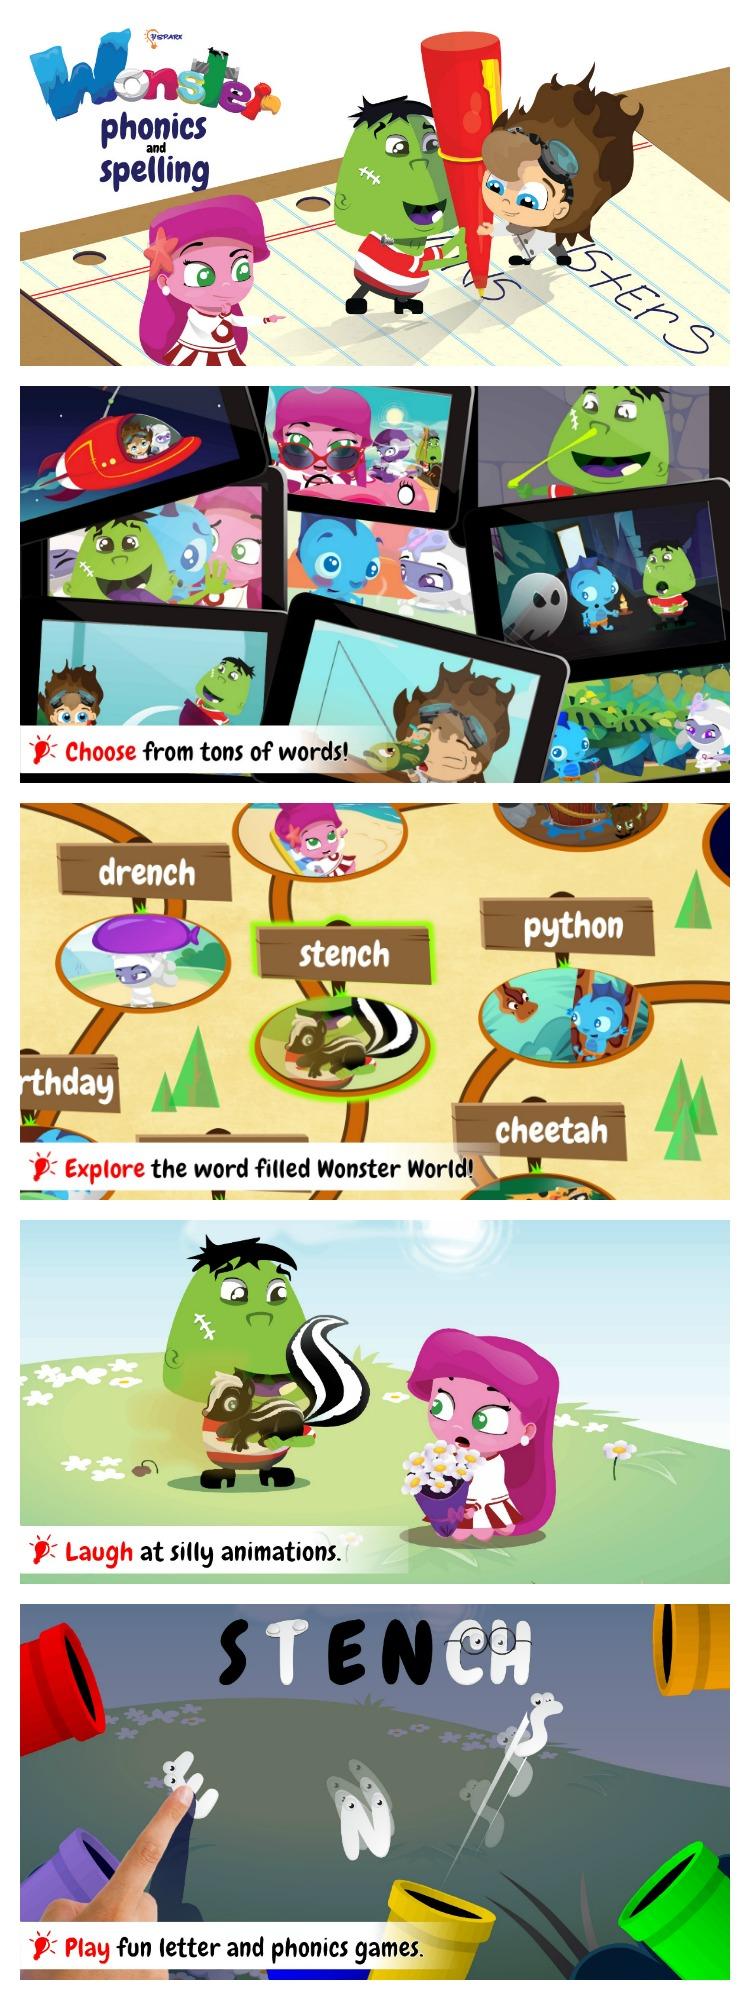 Wonster Phonics Spelling Edu-Play App for Kids